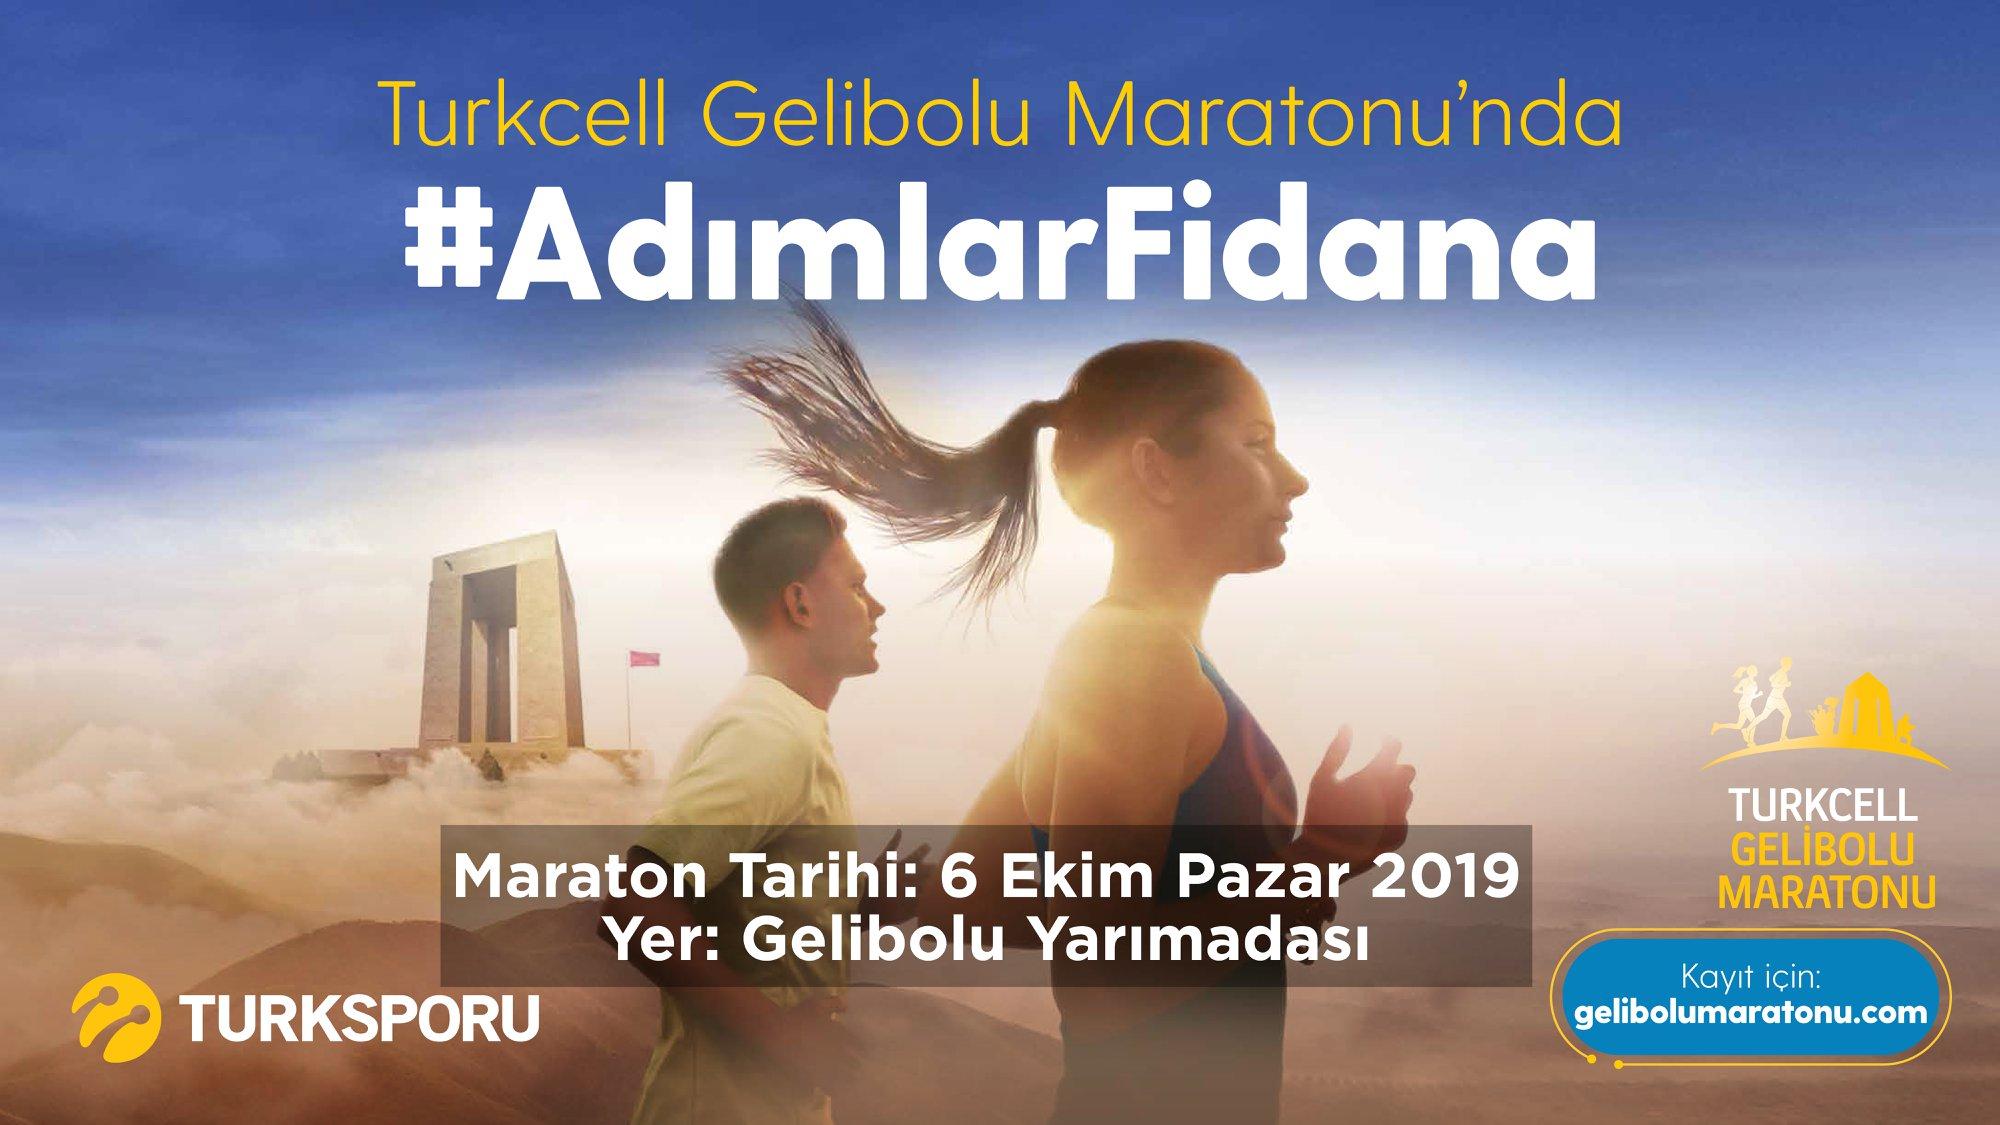 Gelibolu Maratonuna sayılı günler kaldı